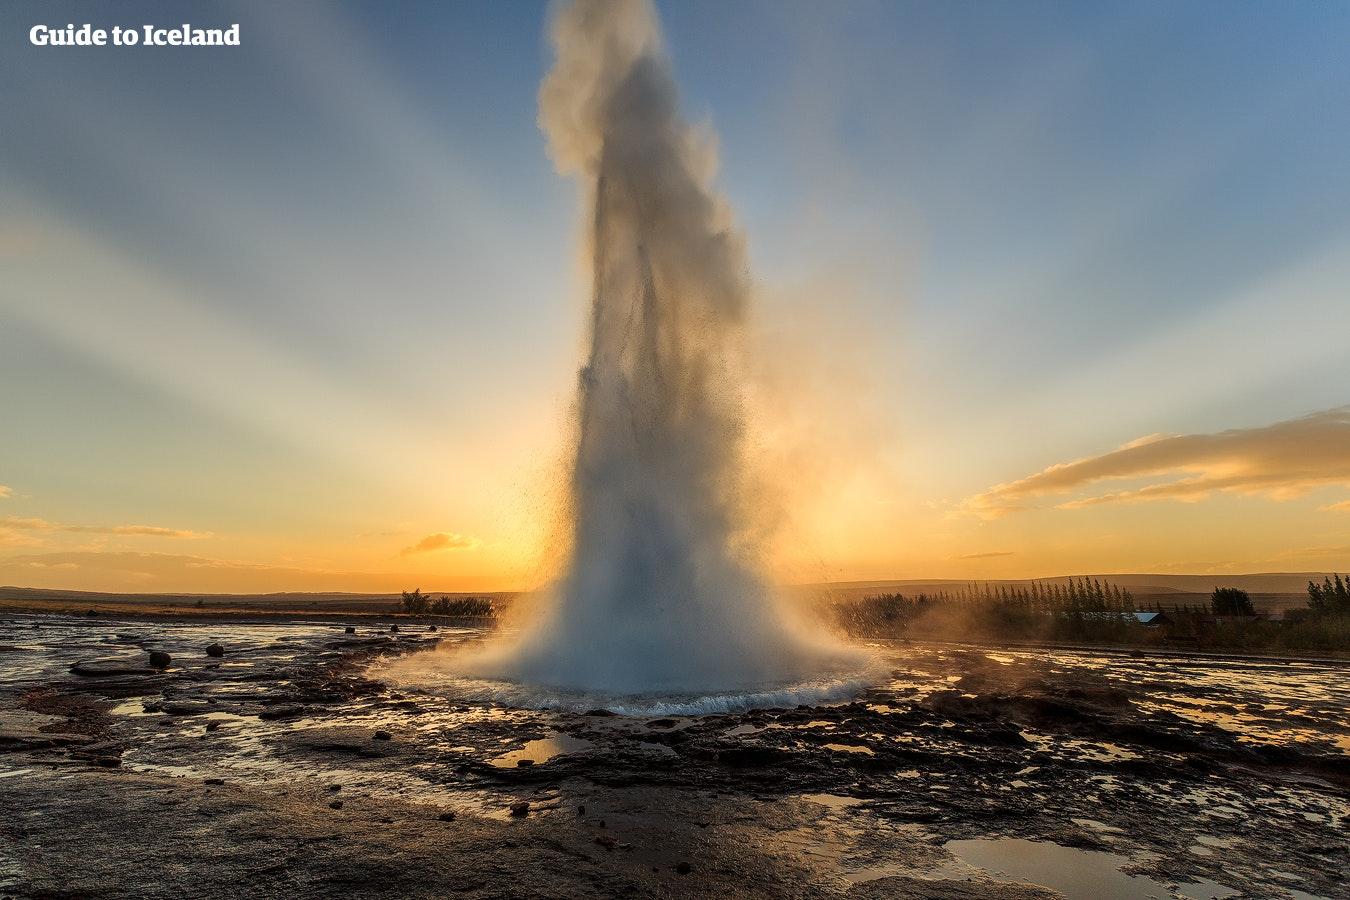 Woda z wybuchającego gejzera Strokkur, w tle zachodzące słońce.